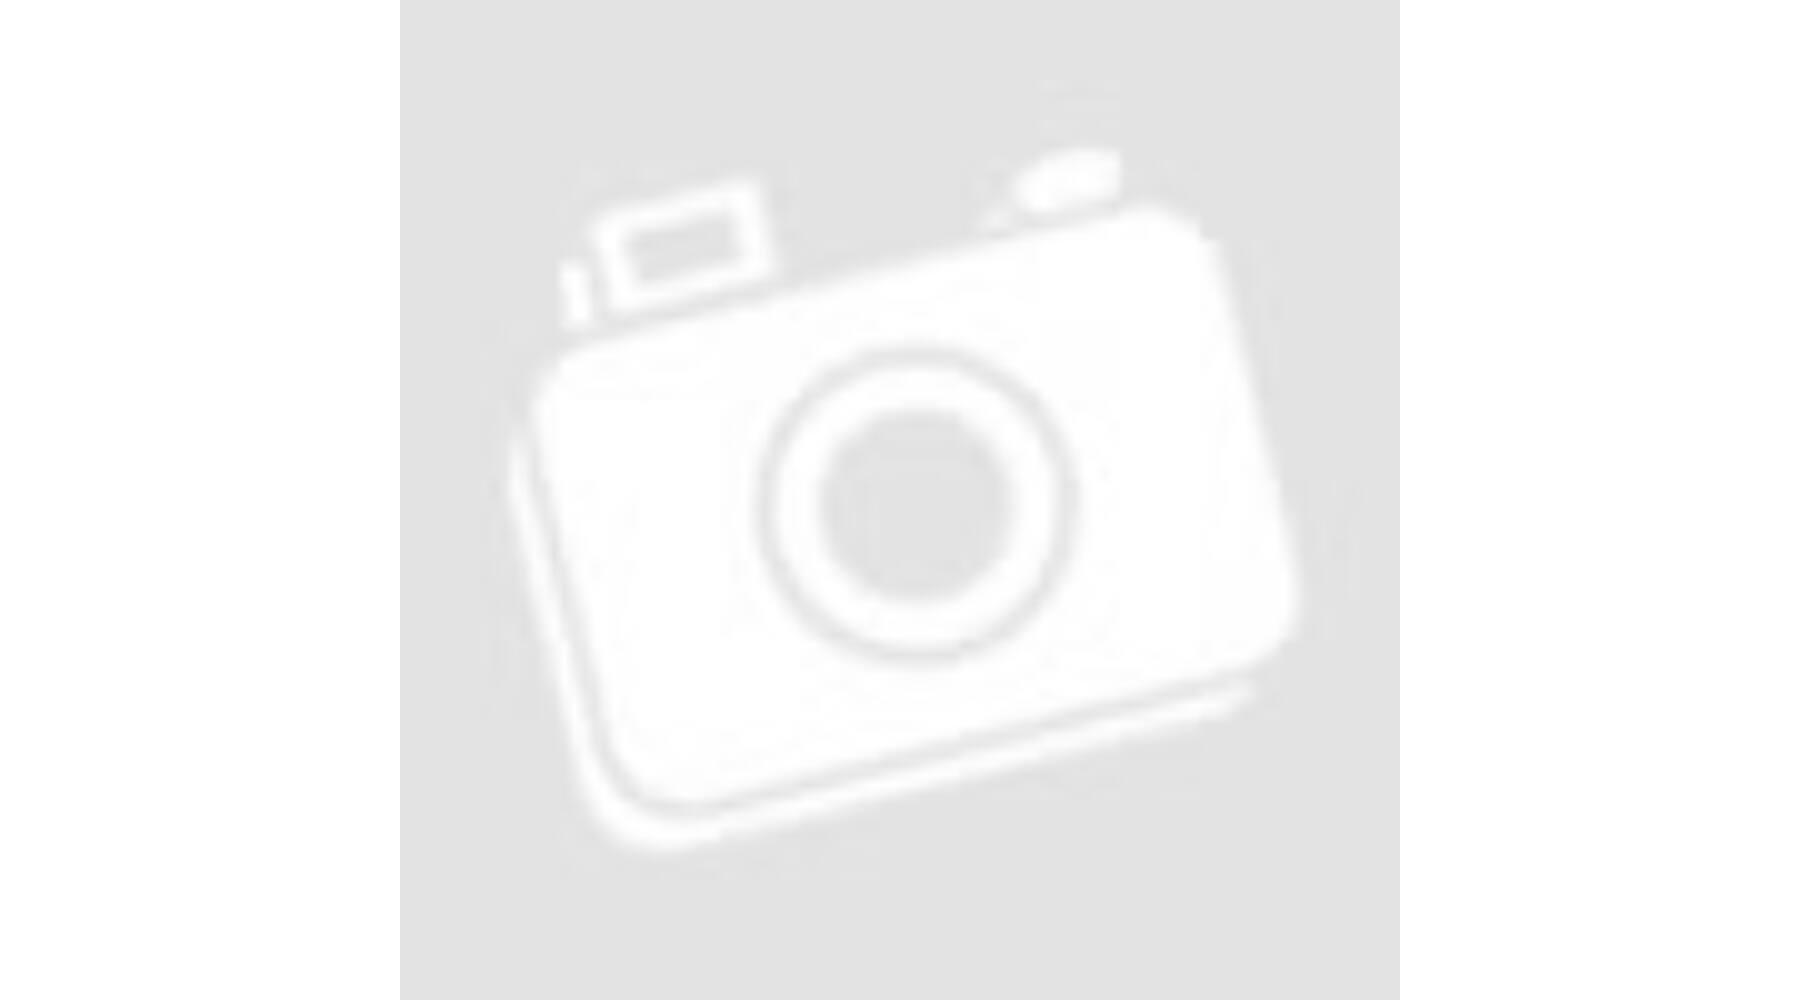 női edző poló mesh berakással. Katt rá a felnagyításhoz 556b106e24